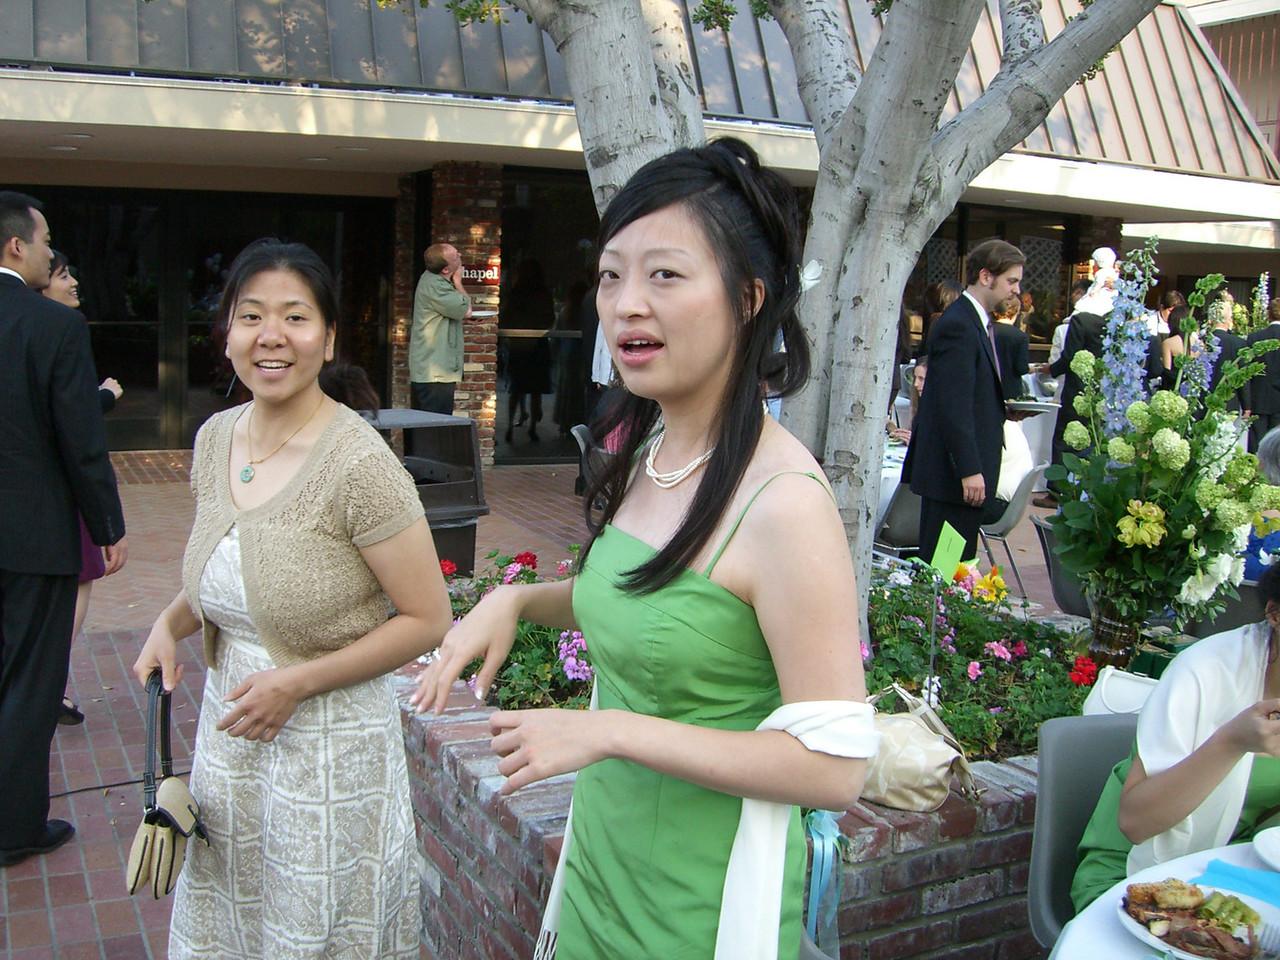 2006 05 06 Sat - Angela Chen & Ellen Chi